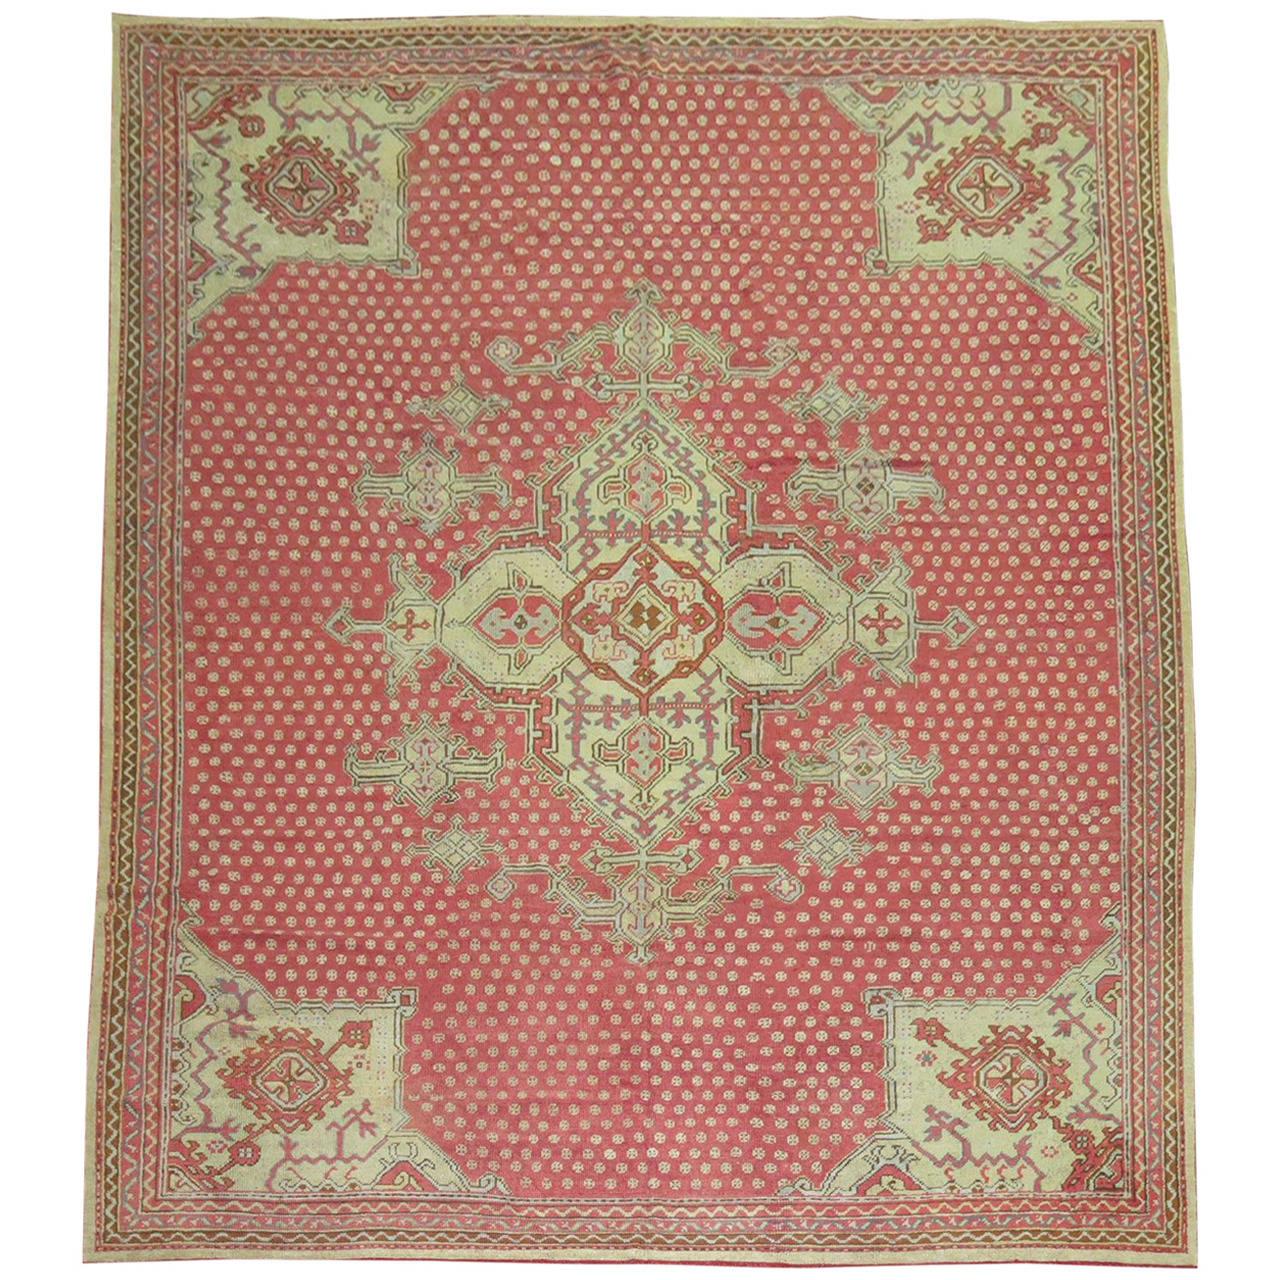 Antique Vintage Turkish Rugs: Antique Turkish Oushak Rug For Sale At 1stdibs